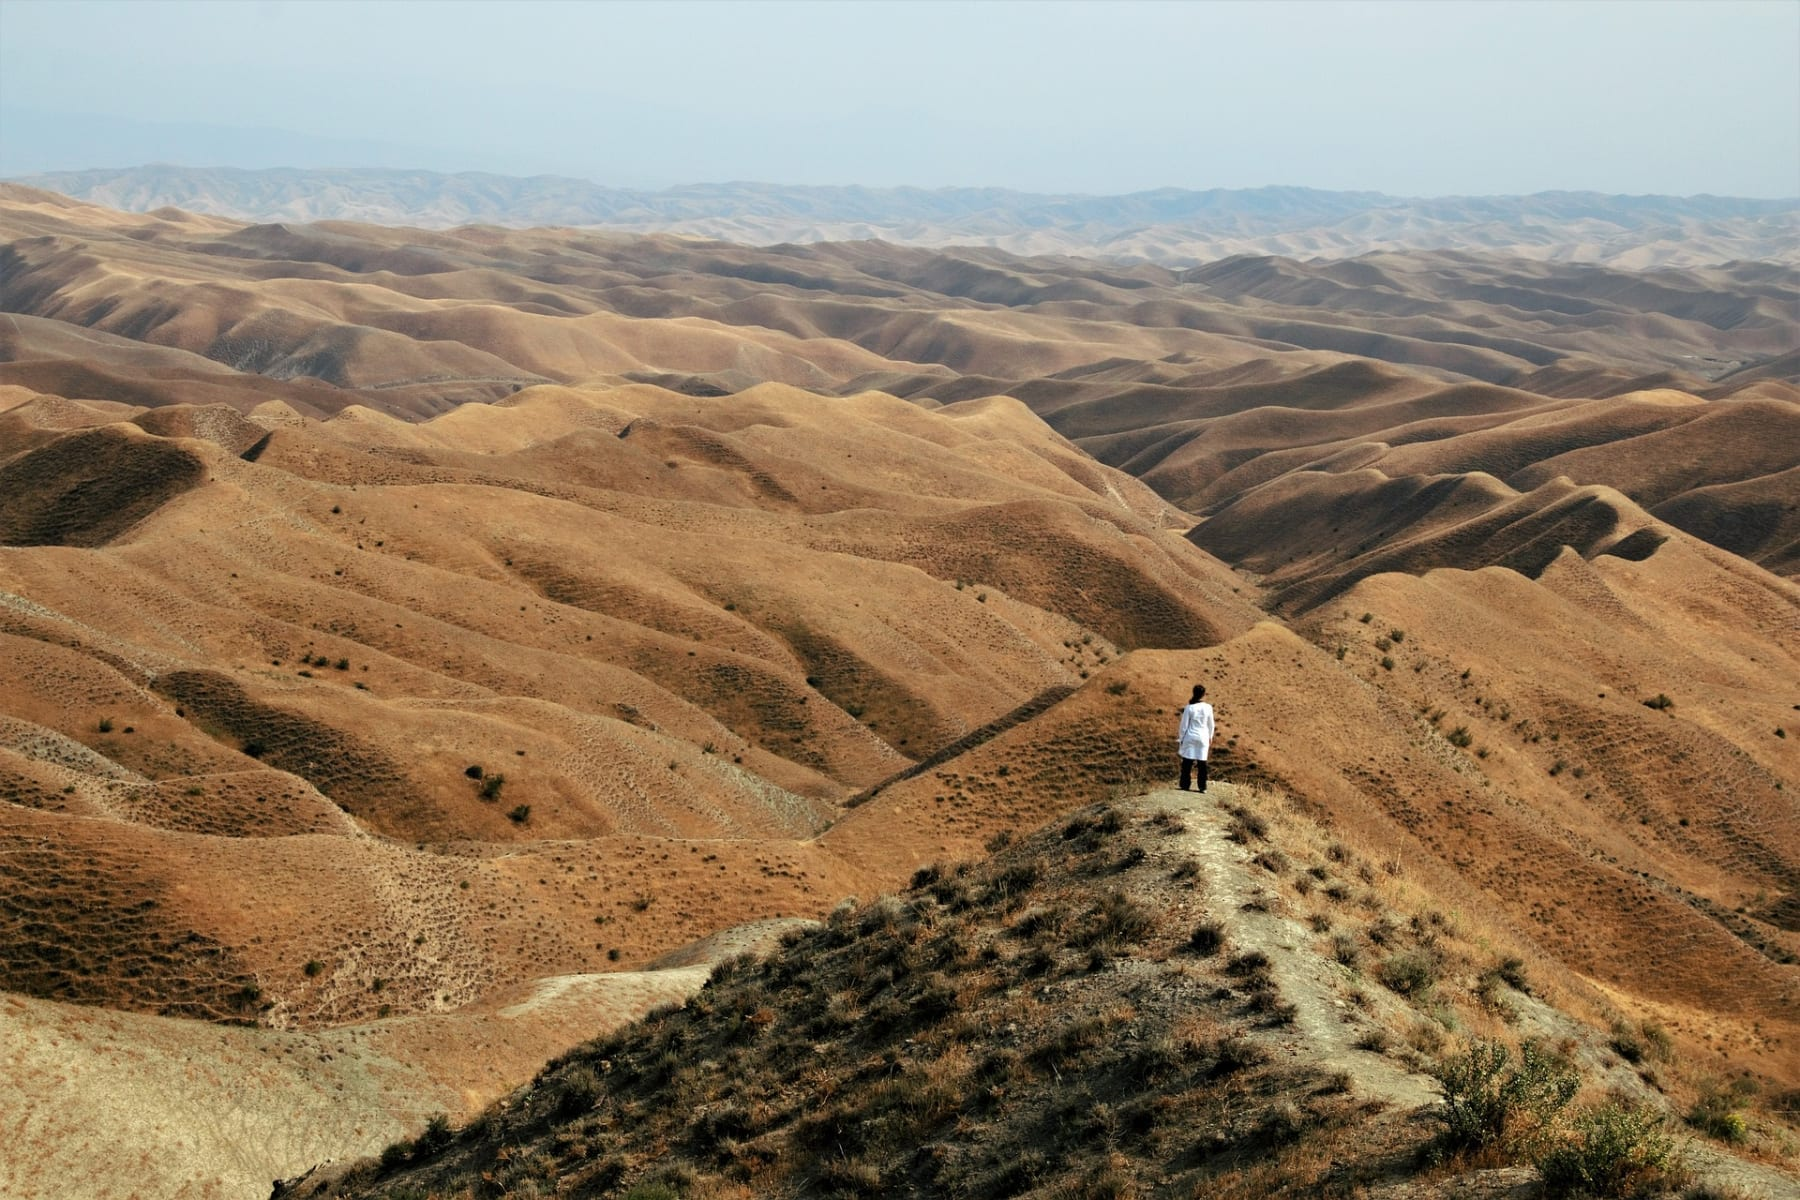 Krajina Íránu je hornatá a poměrně vyschlá